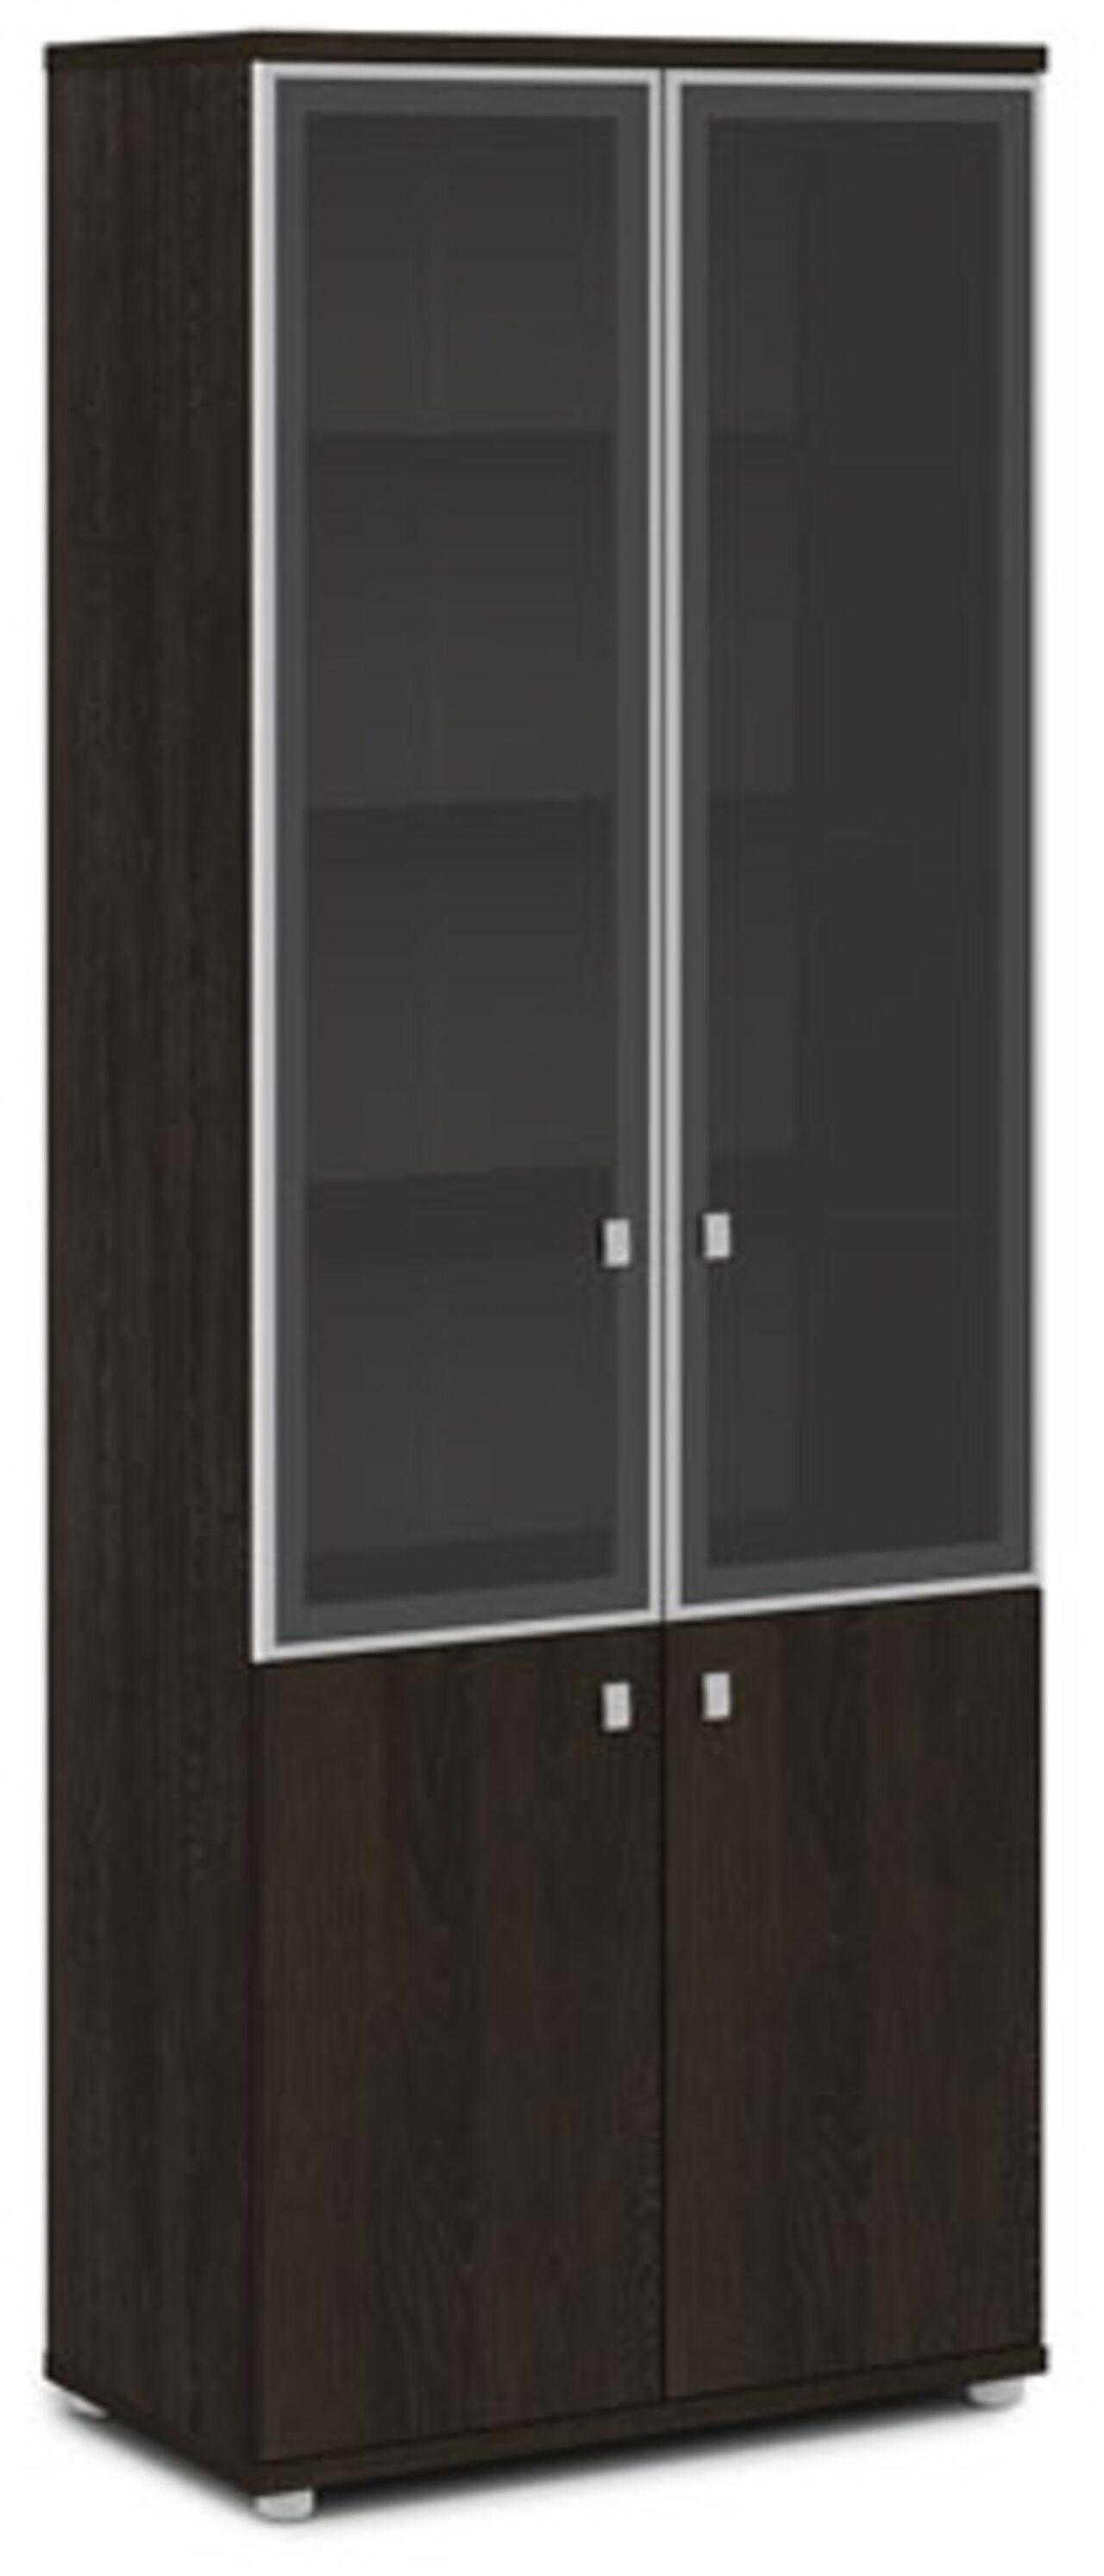 Шкаф со стеклом в алюминиевом профиле - фото 1